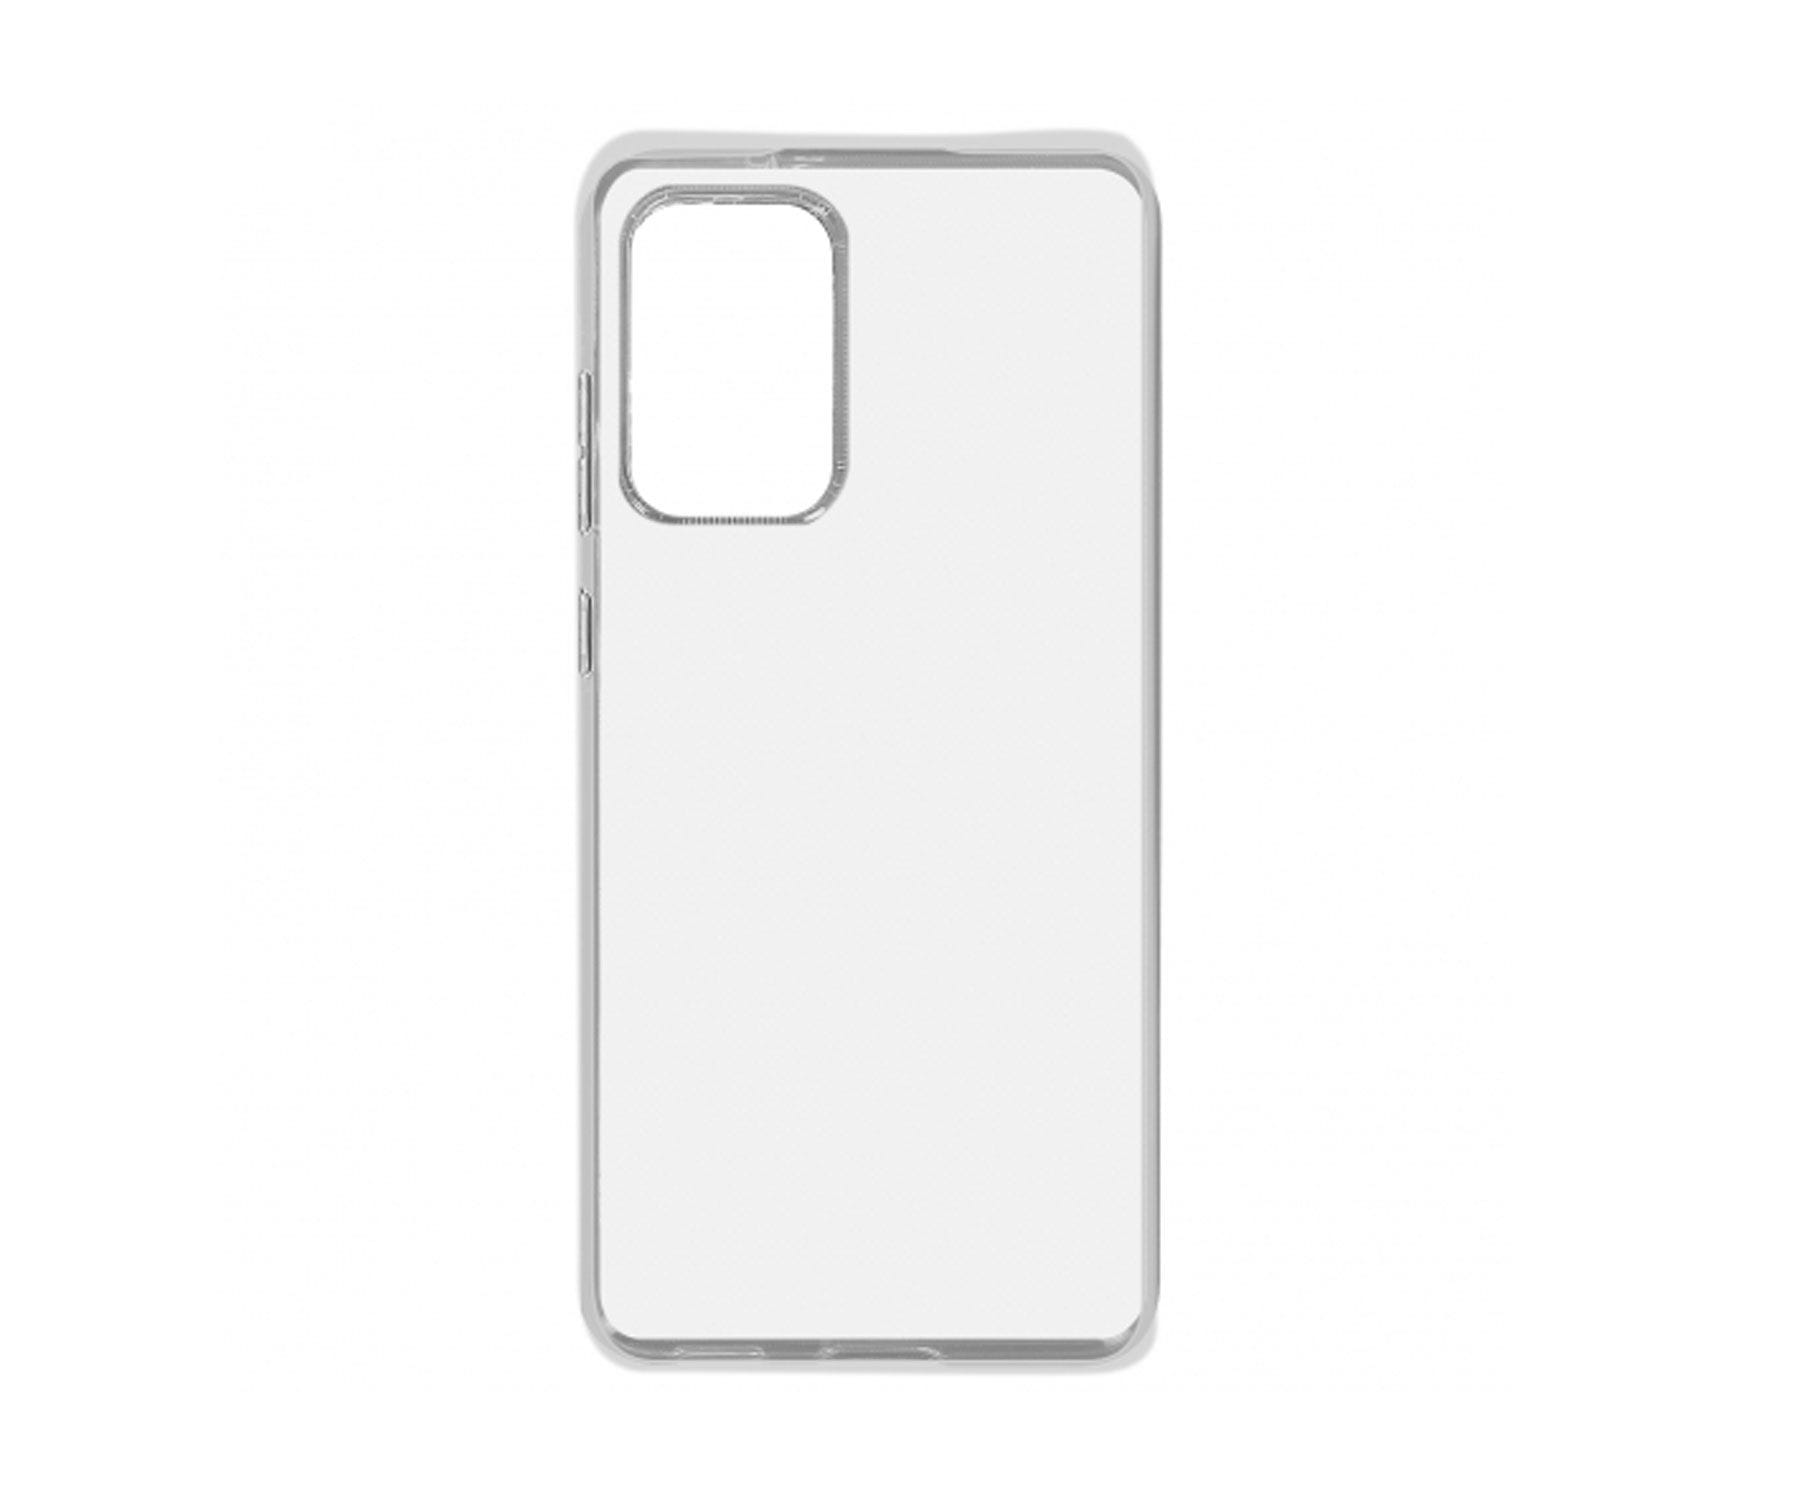 Akashi Funda Samsung A52 5G Carcasa transparente